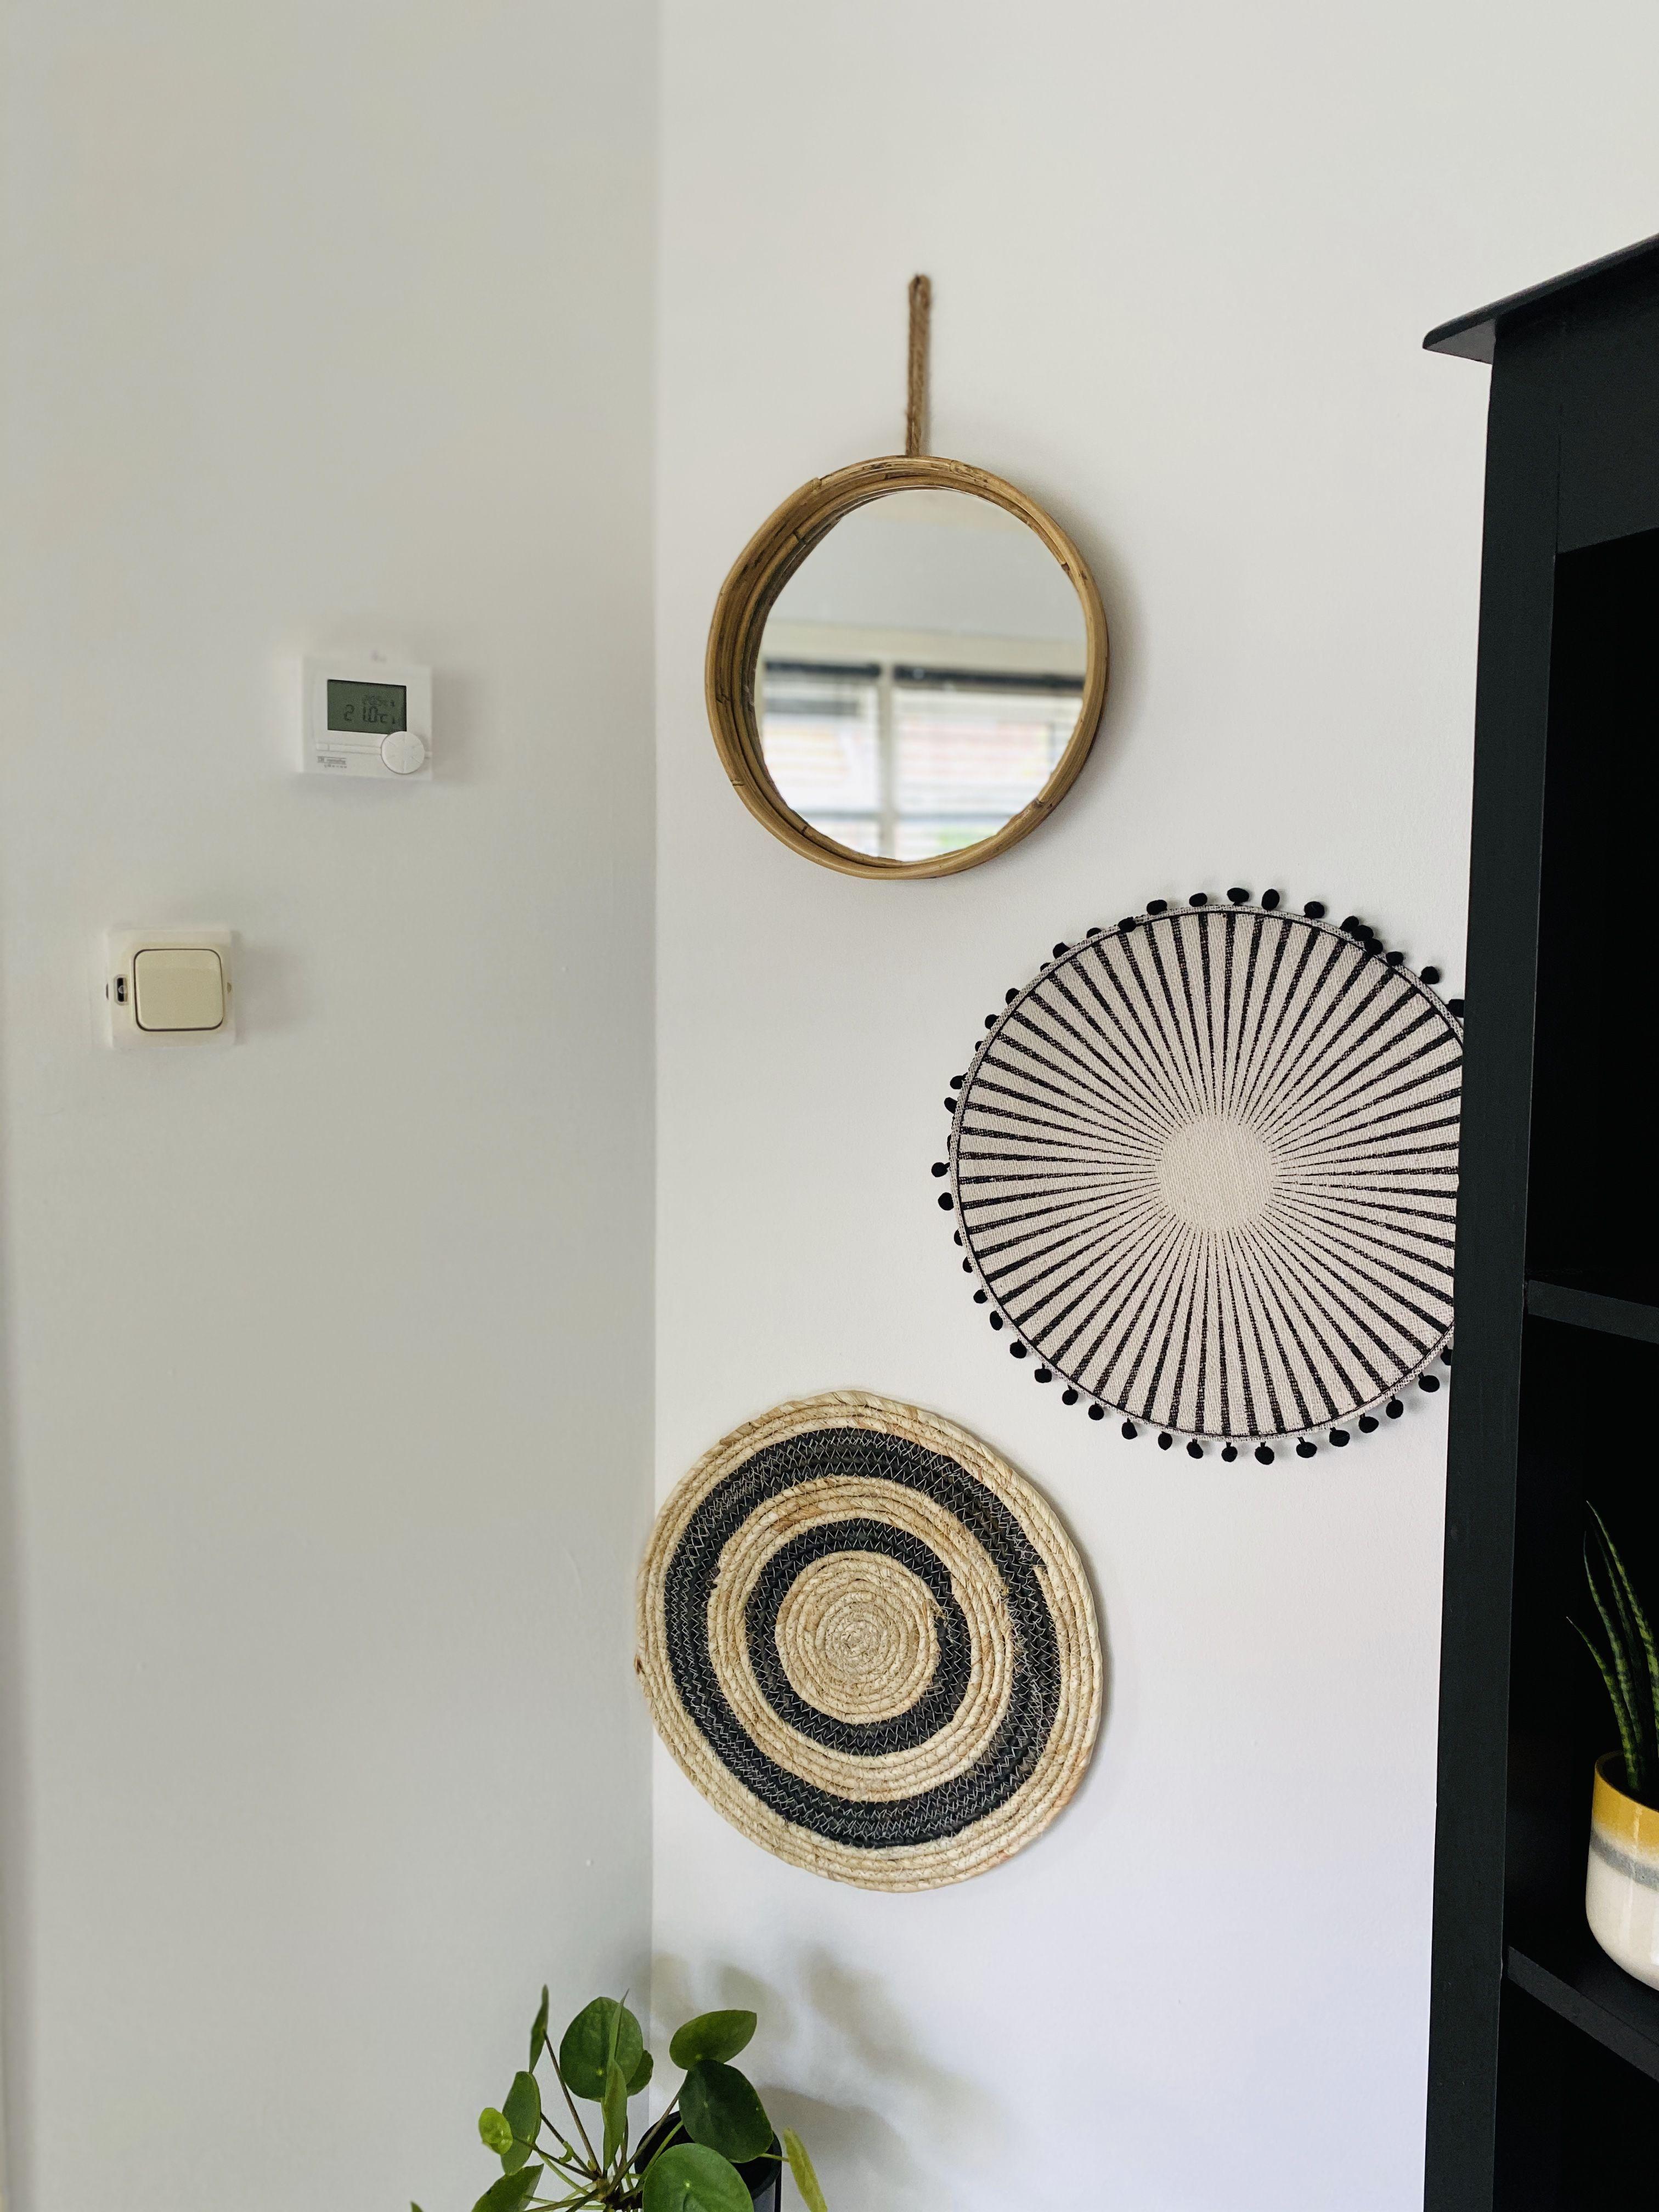 Muur Wanddecoratie Spiegel Ideeen Muurdecoratie Slaapkamerideeen